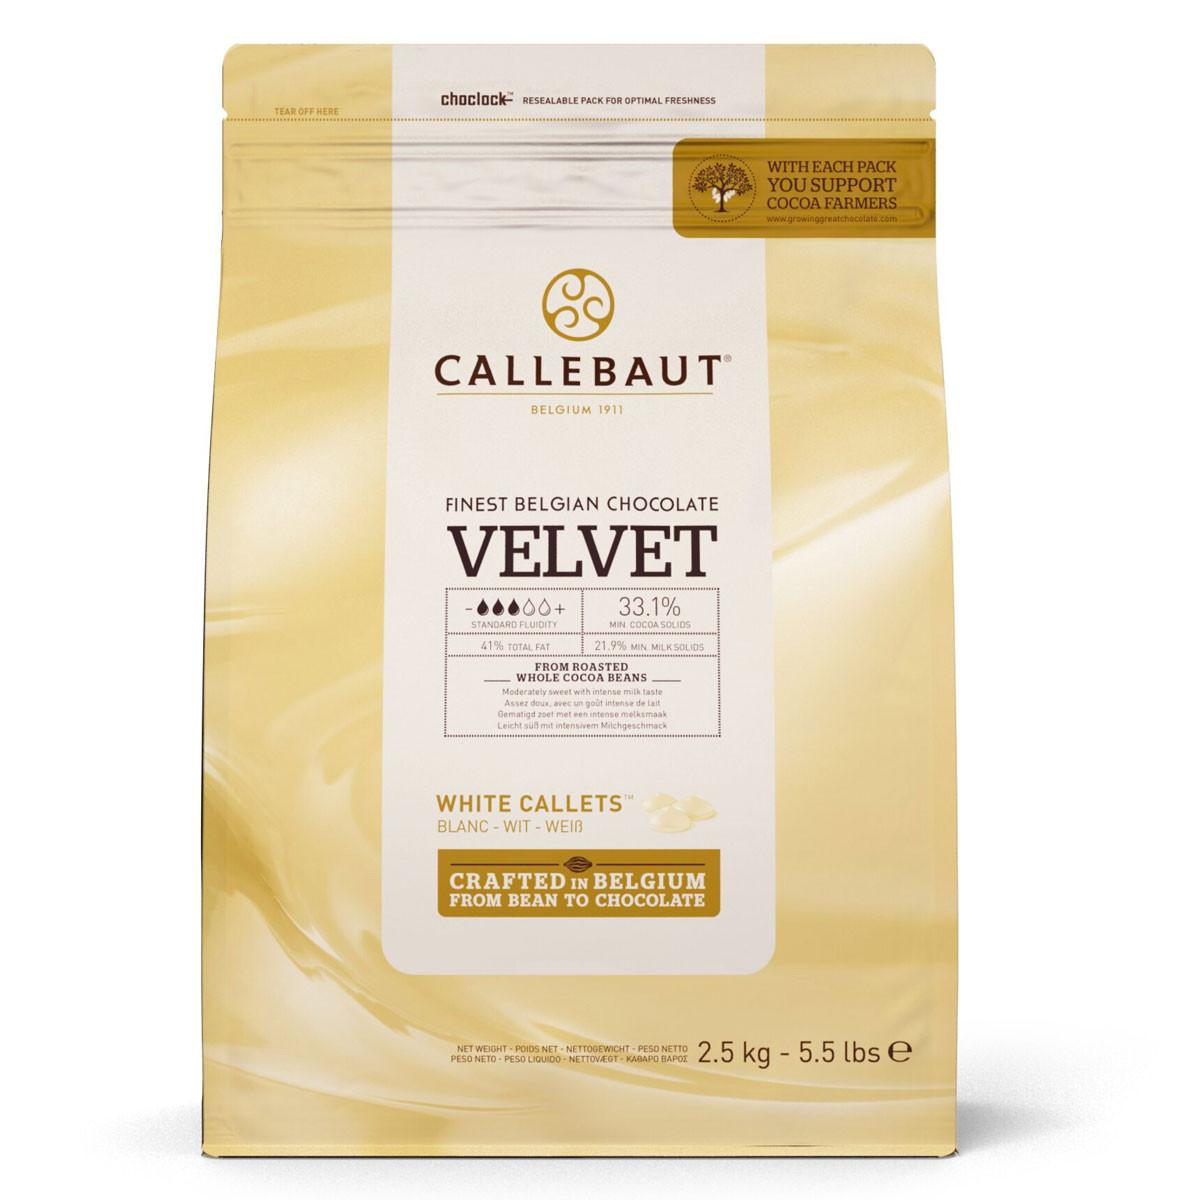 Ciocolata alba VELVET 33,1% cacao 2.5kg Callebaut